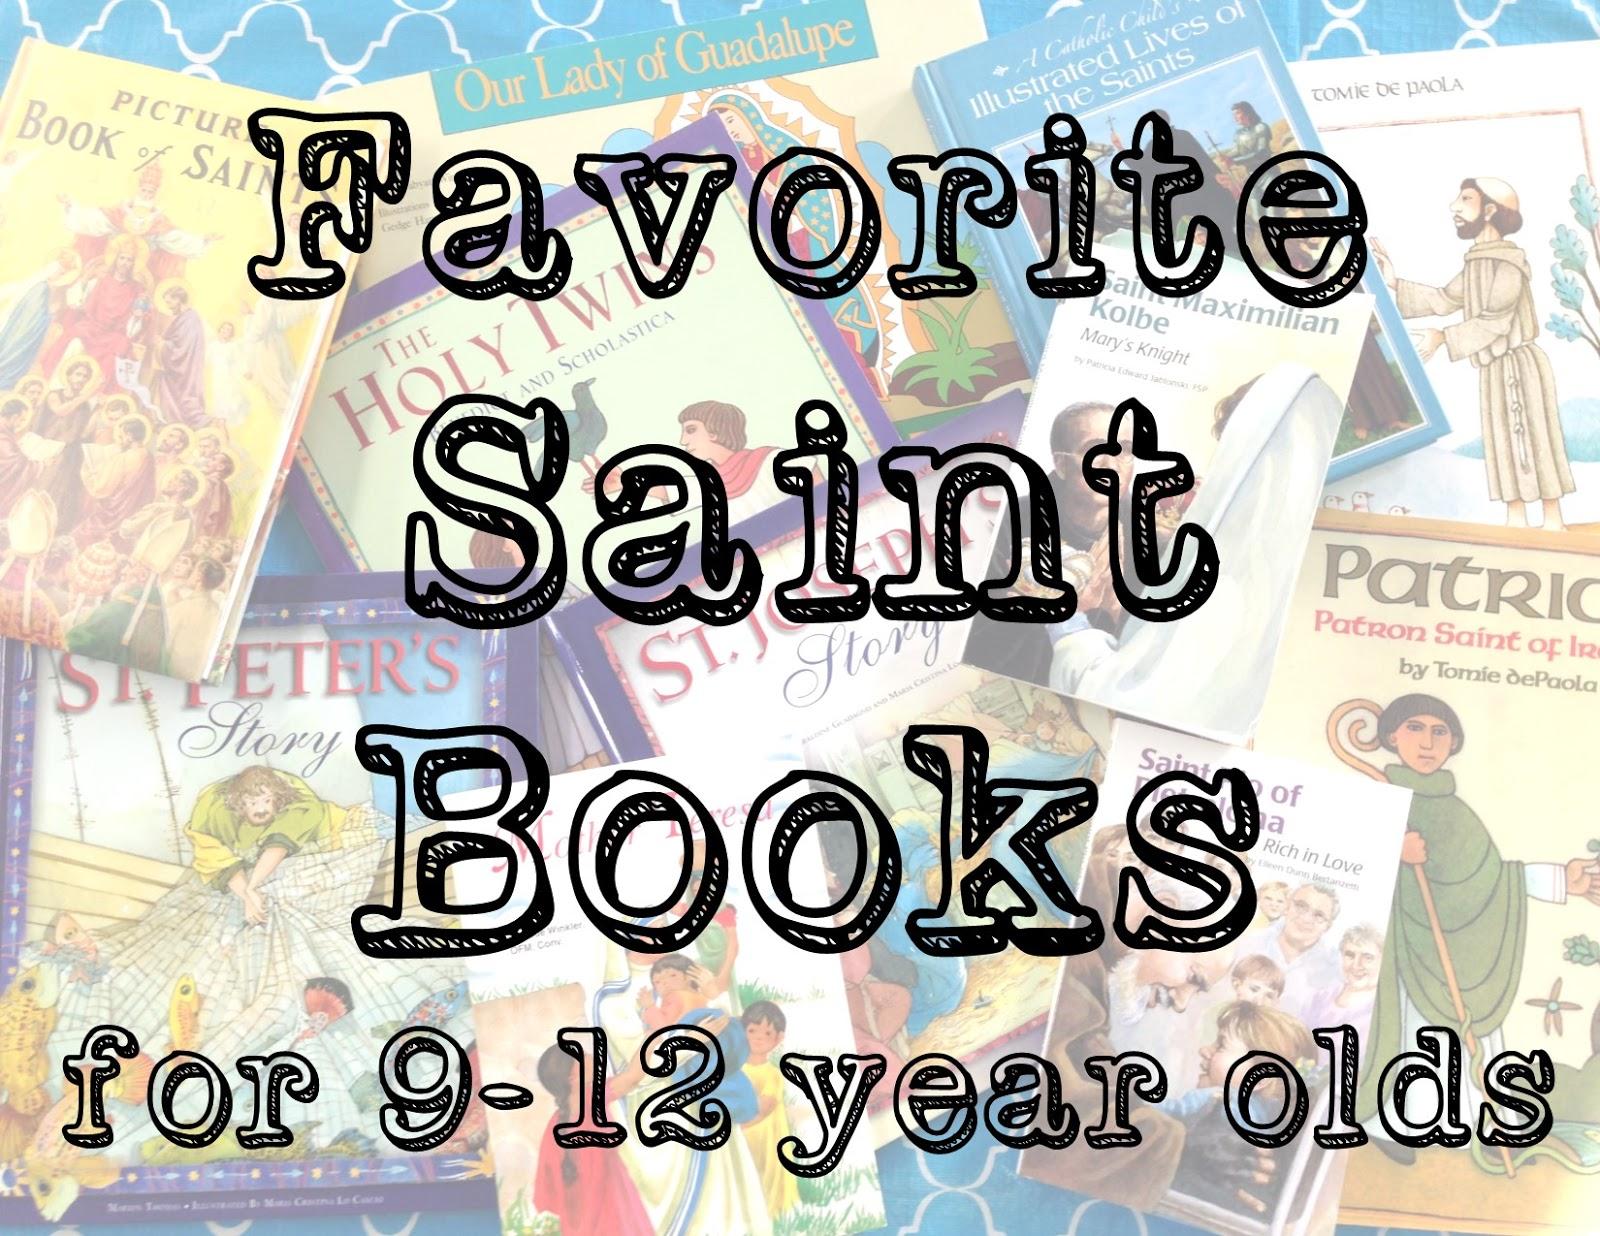 Favorite saints